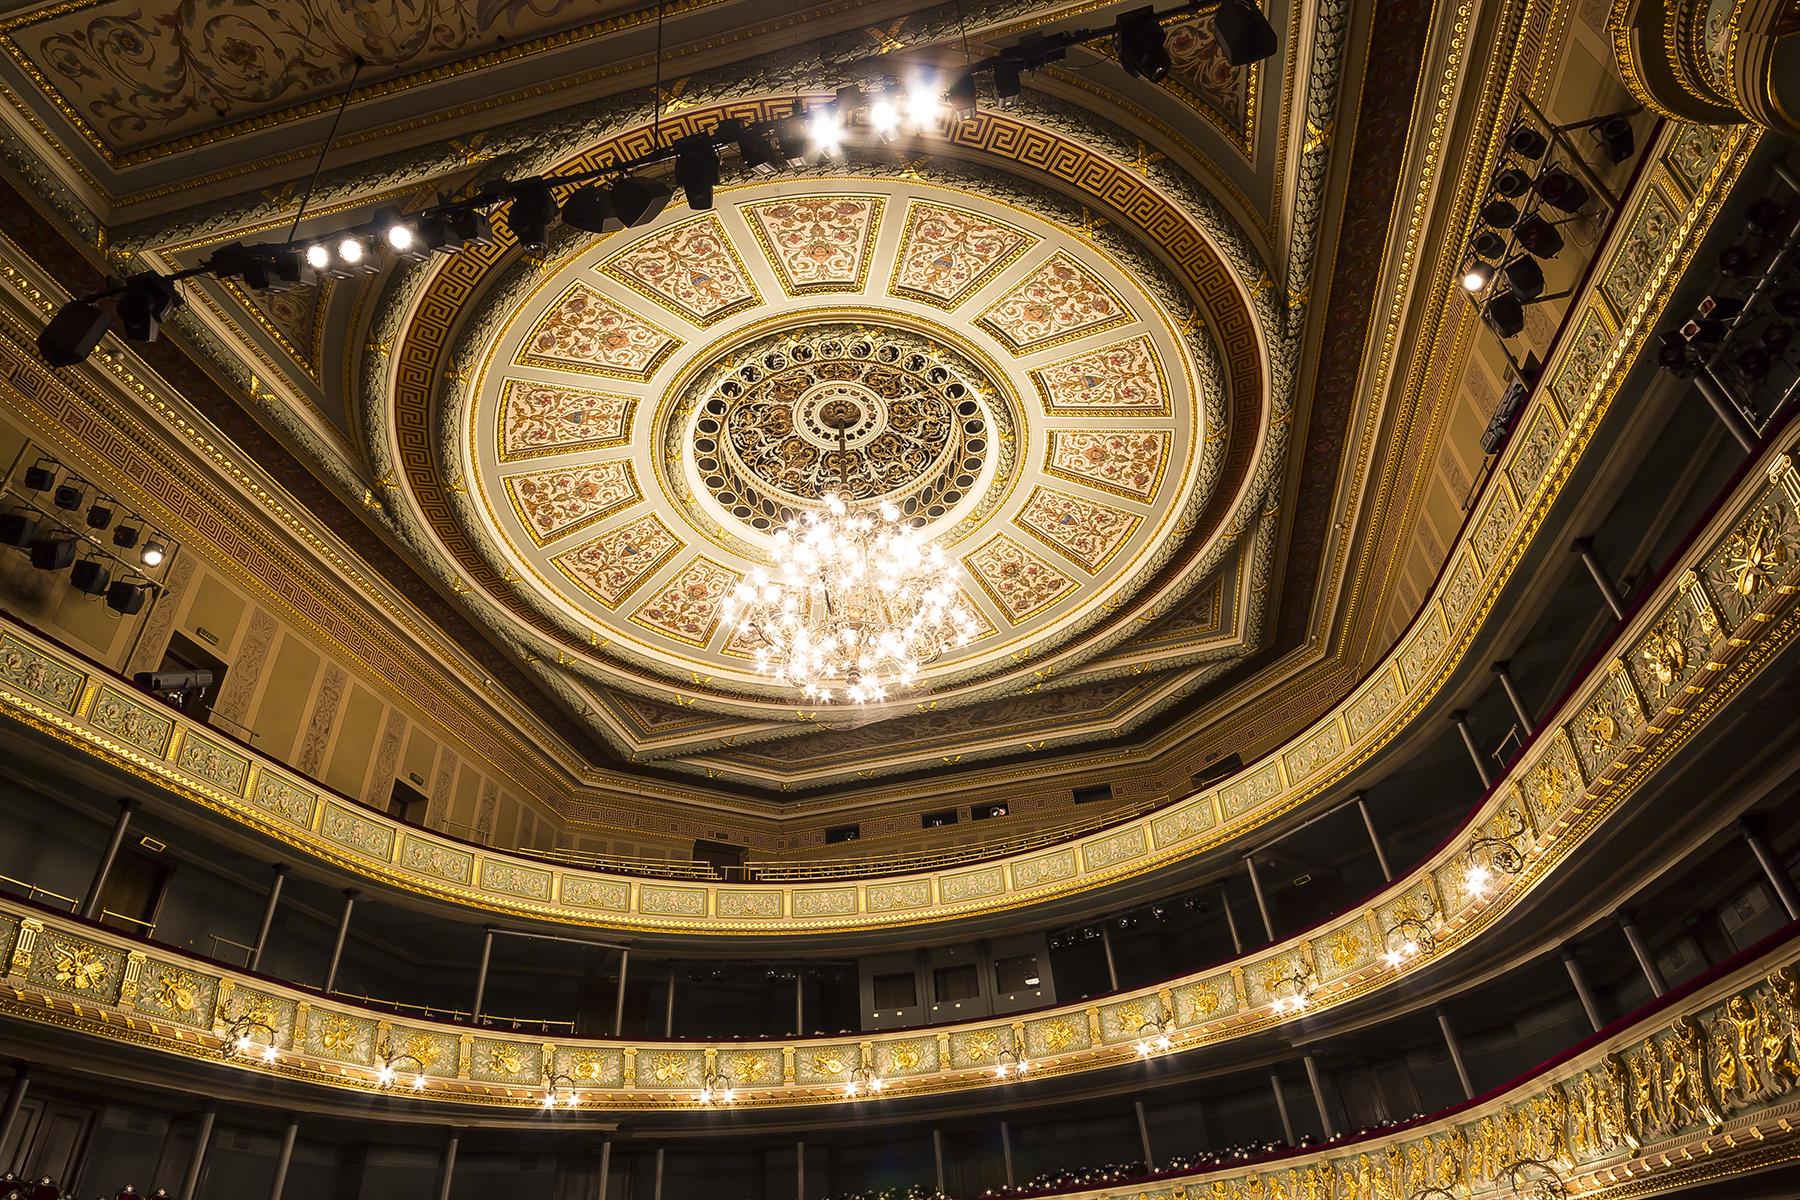 Latvijas Nacionālās operas Lielā zāle 20 gadus pēc restaurācijas.